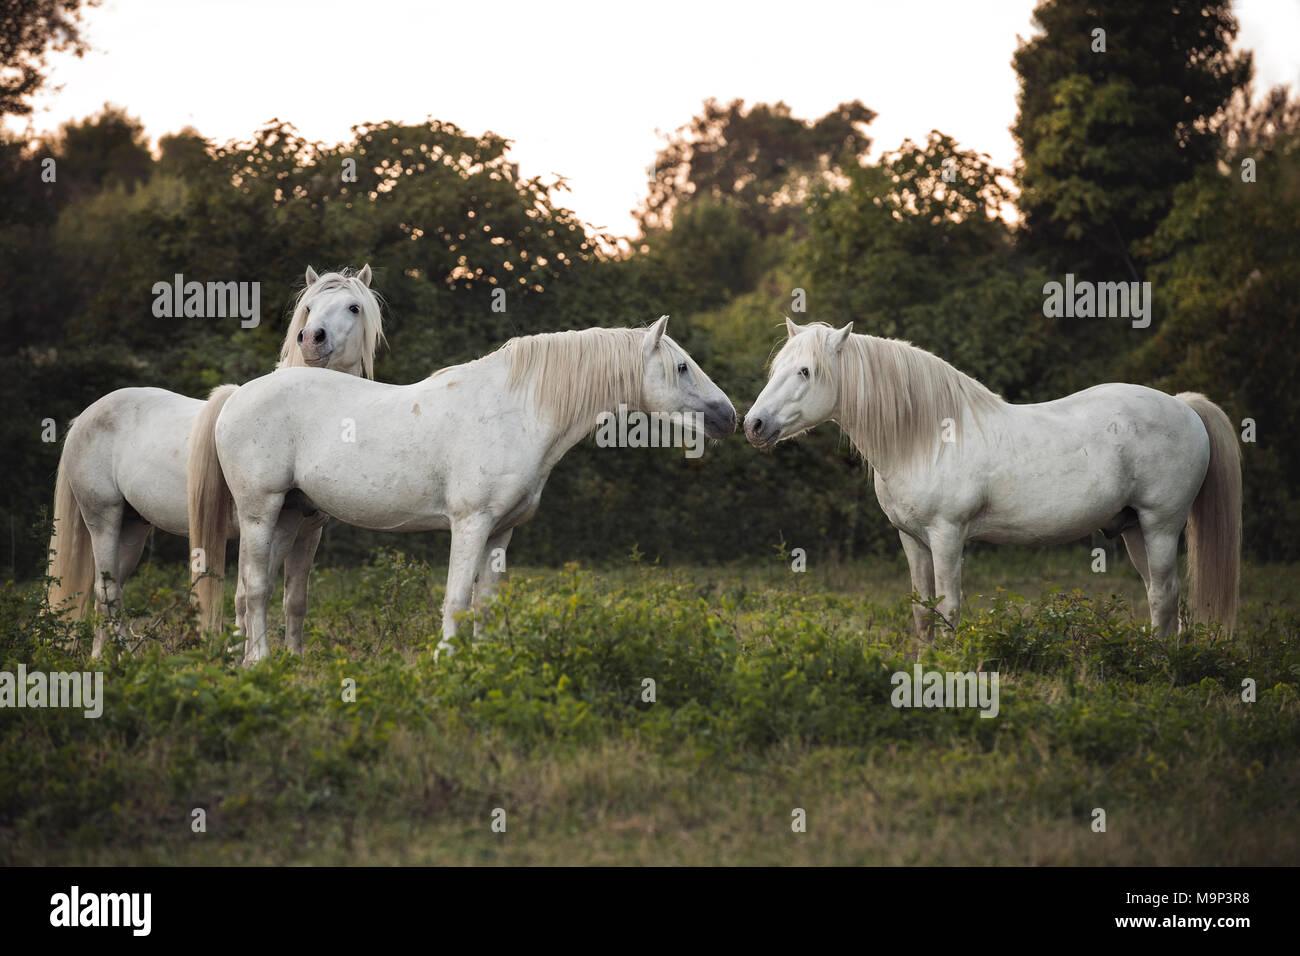 Tres Caballos de Camargue (Equus) soporte en la pradera y tocan con ternura, sementales, Francia Imagen De Stock